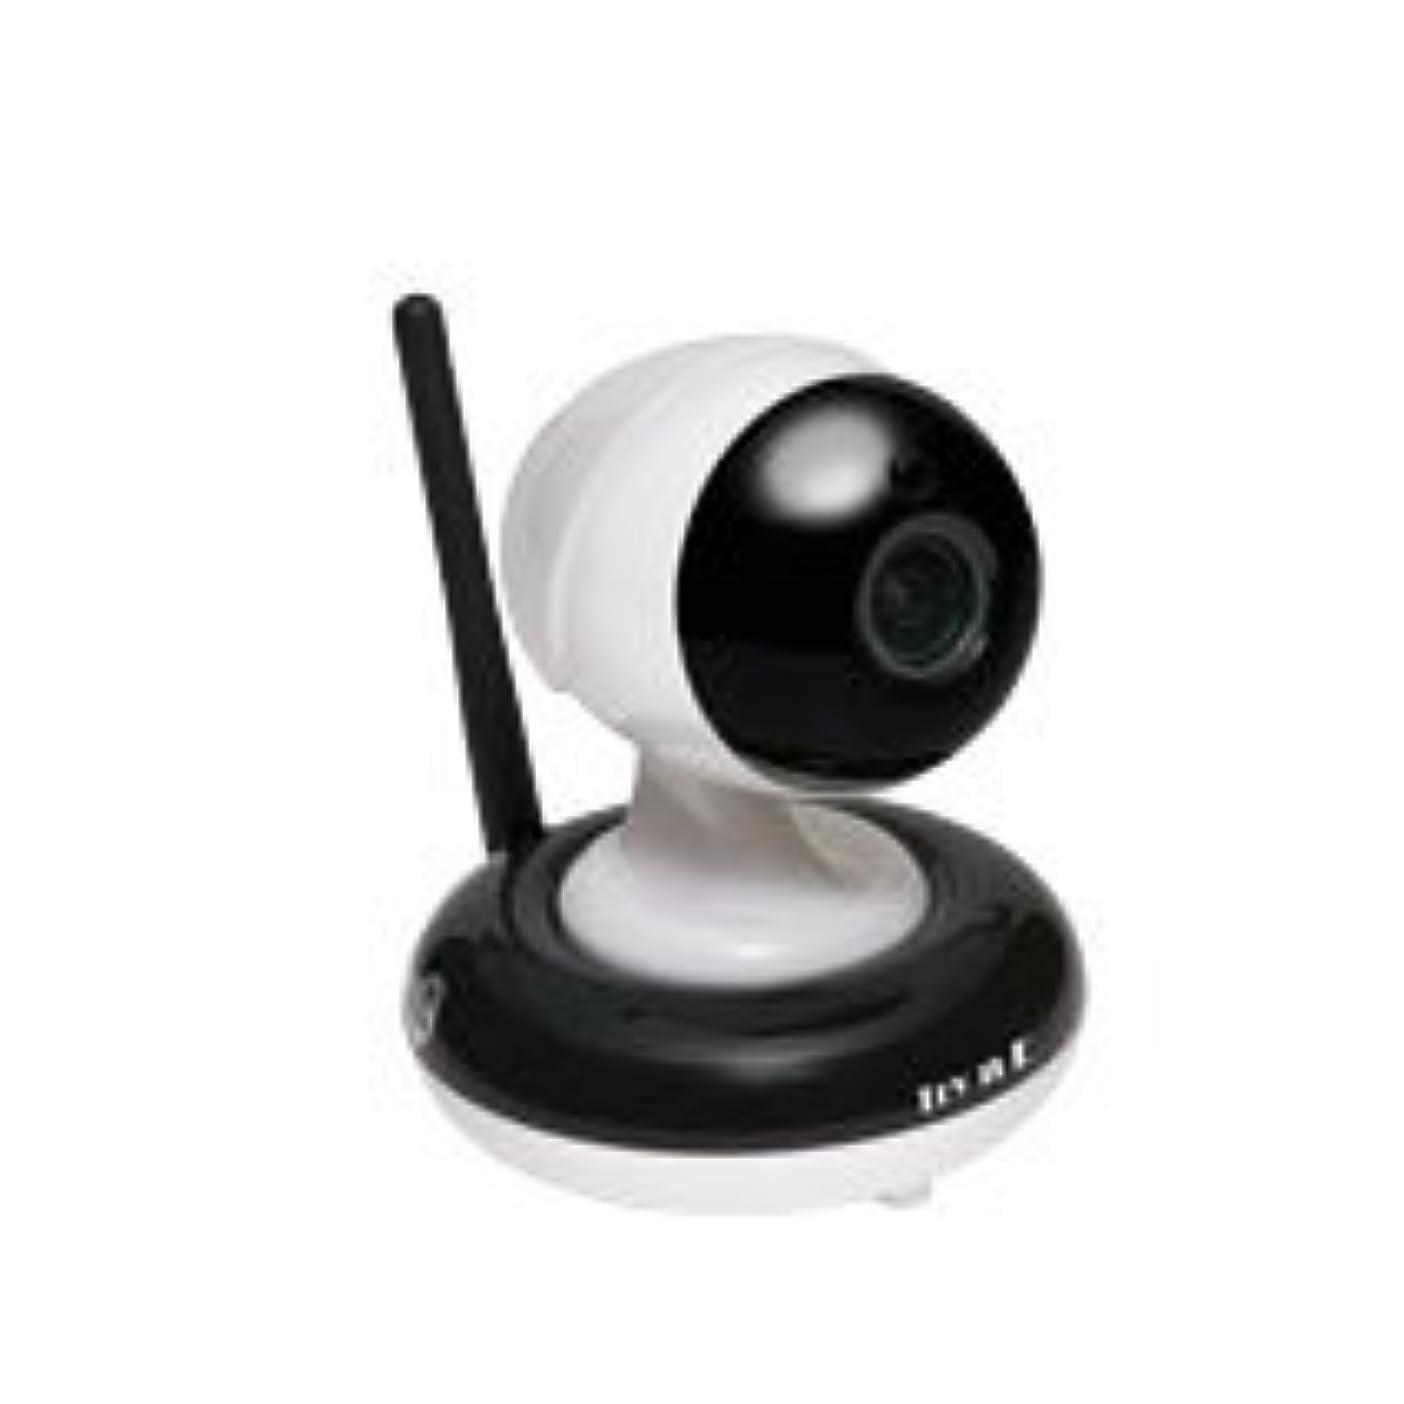 タップ専門知識支給日本製オペレーションアプリ 据置/天井設置型室内用 技適マーク有WiFiネットワークカメラ 960pix IP0051 セキュリティーカメラ 防犯カメラ ベビーモニター ペットモニター IPカメラ